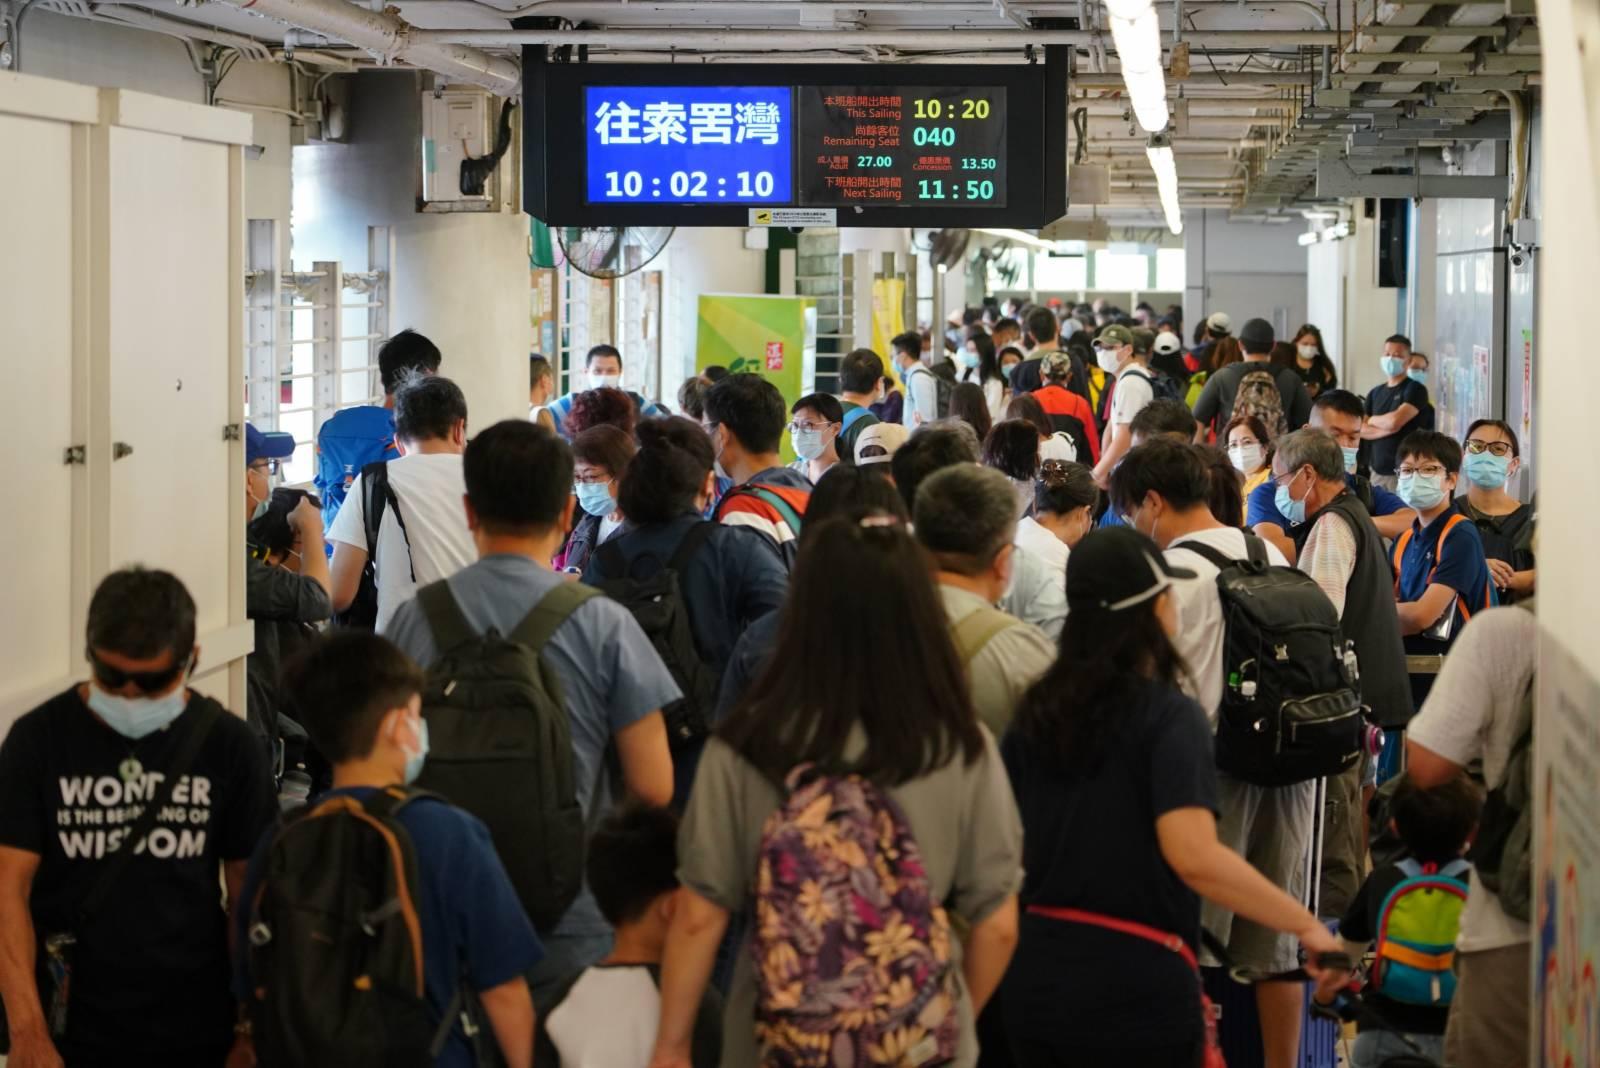 10月25日重陽節,在香港中環碼頭,前往長洲、南丫島和大嶼山等地的市民在碼頭排起長龍。(中新社圖片)